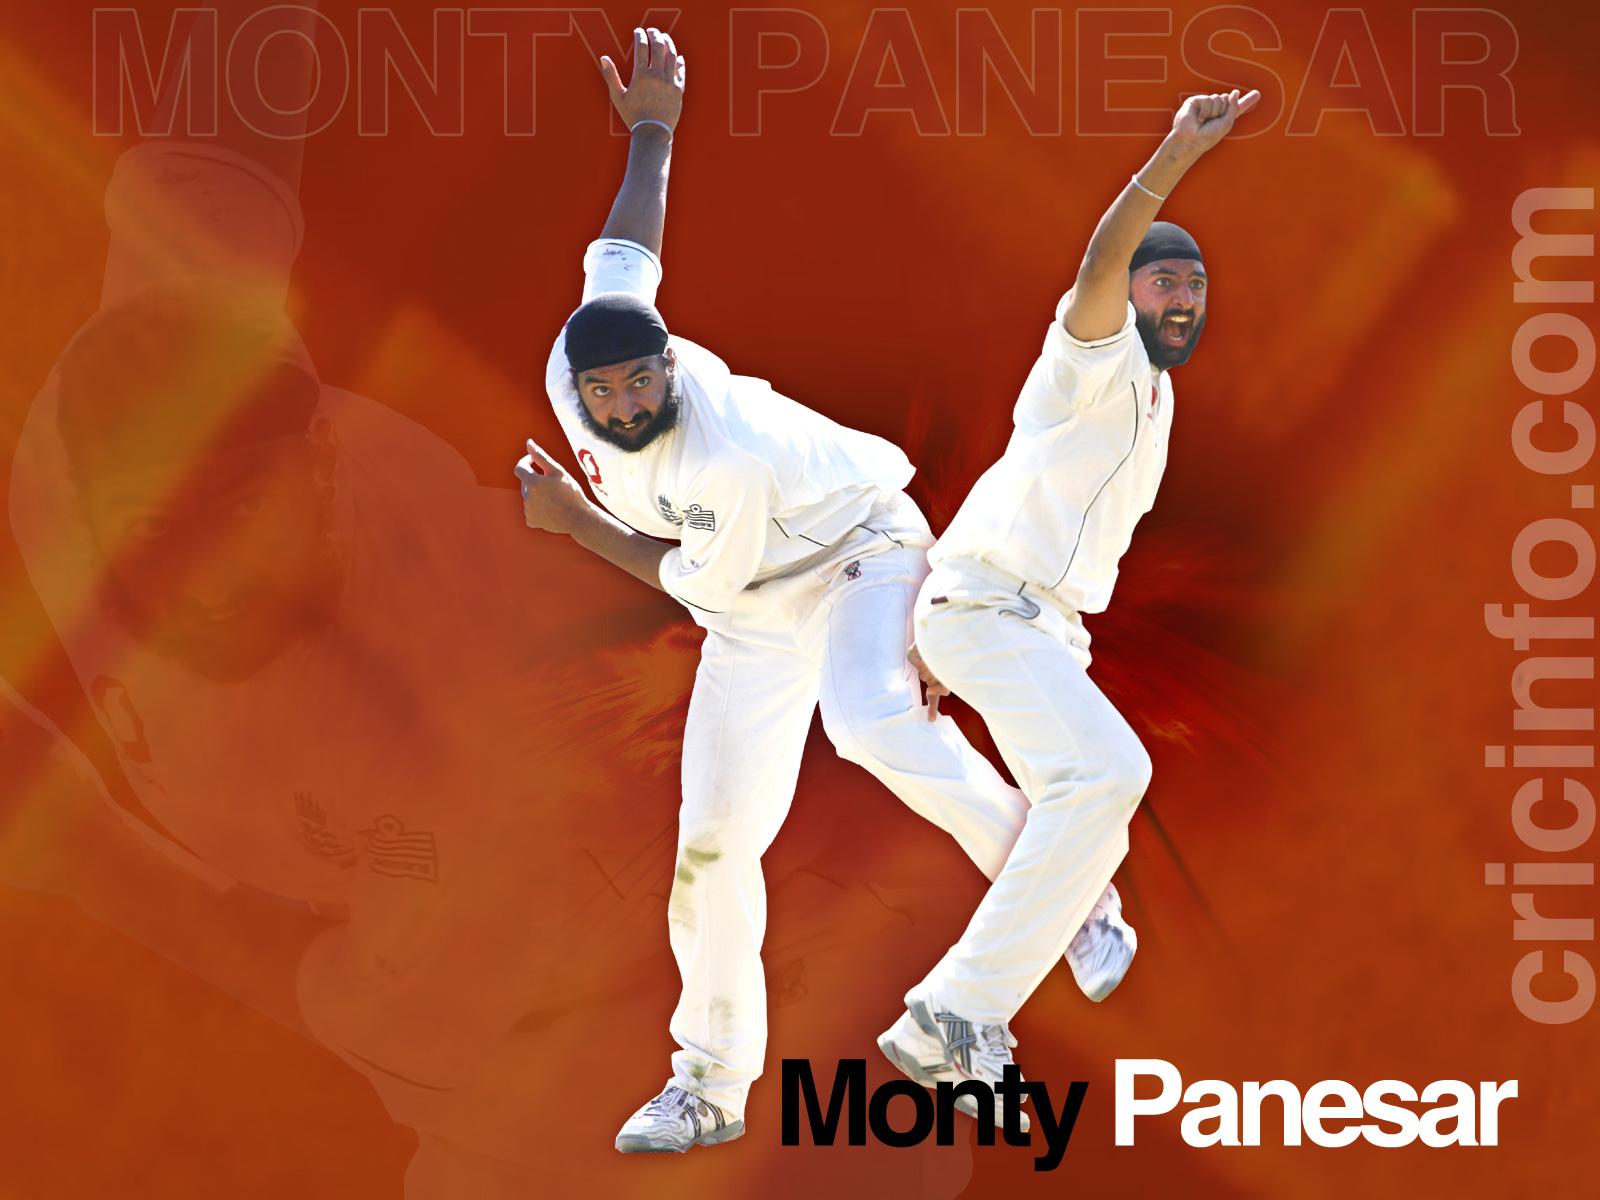 Monty Panesar